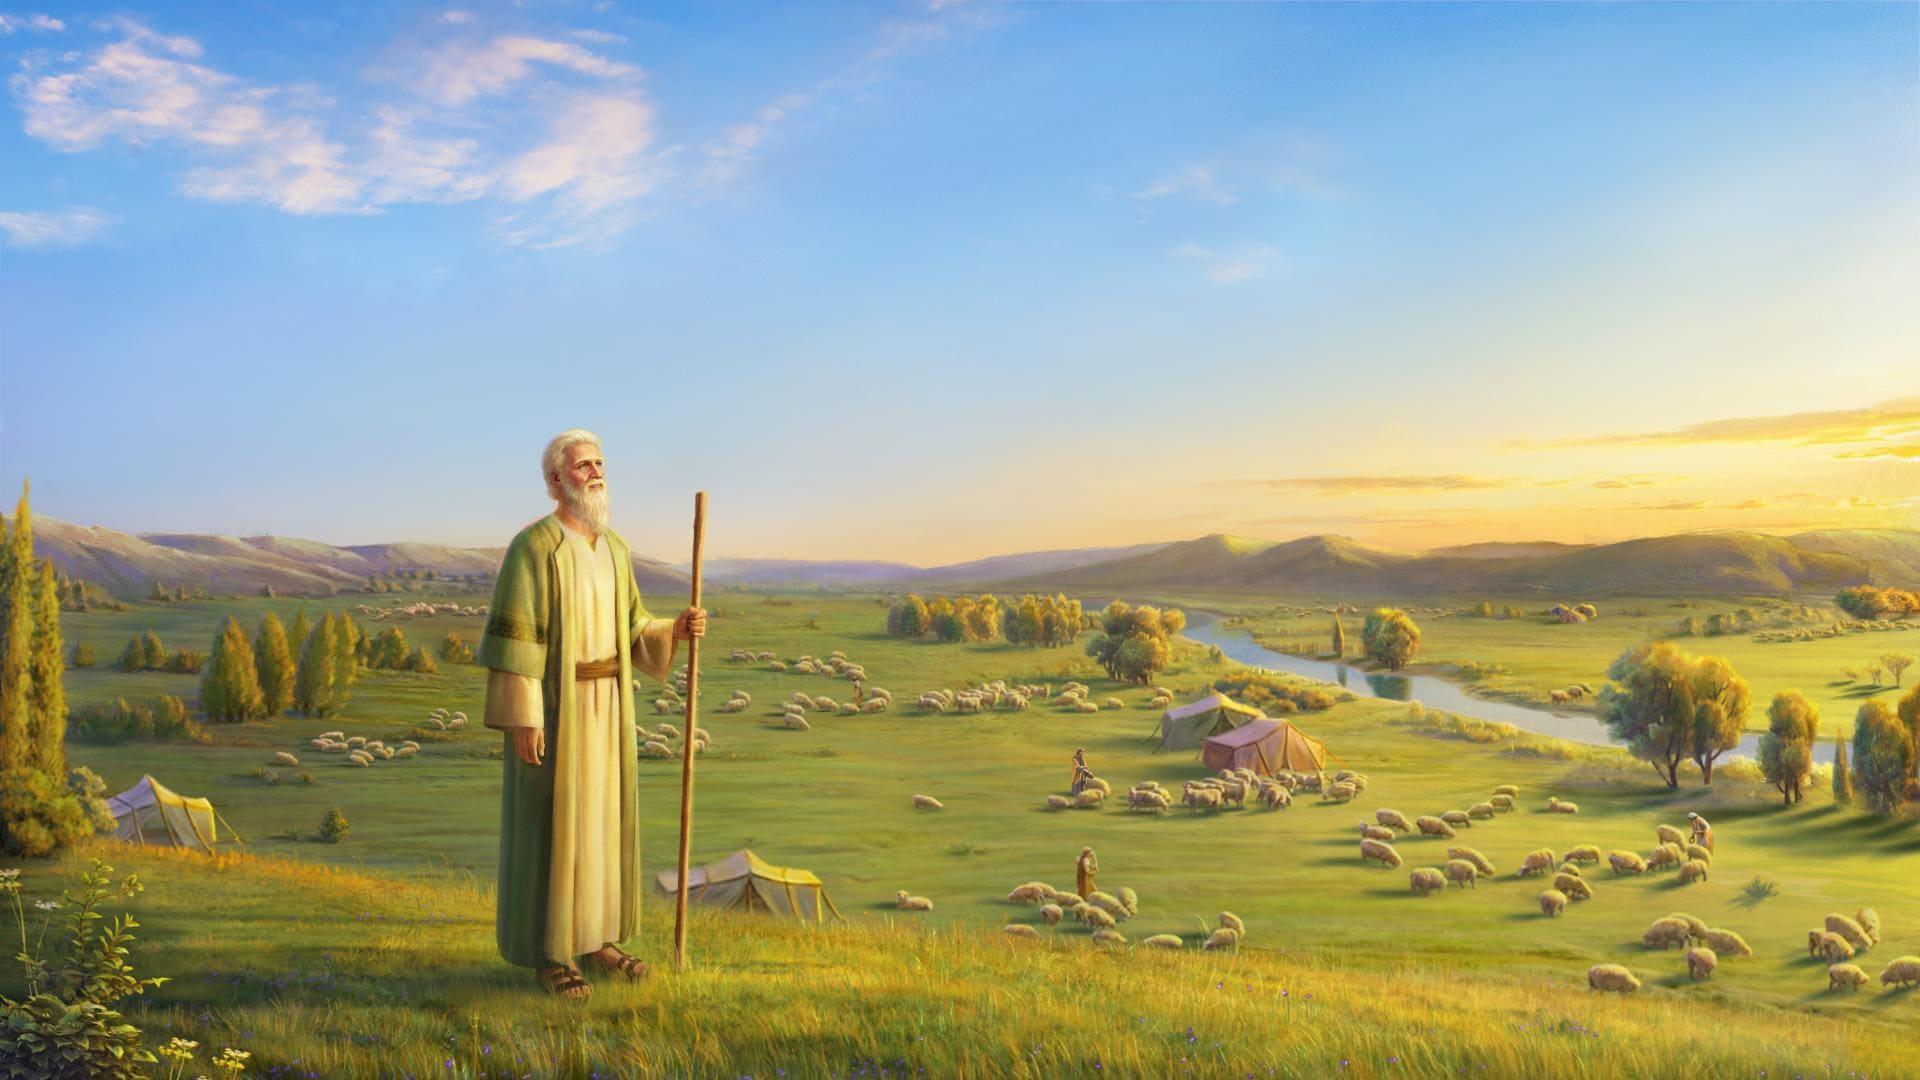 إيمان أيُّوب بالله لا يتزعزع لأن الله مخفيٌّ عنه